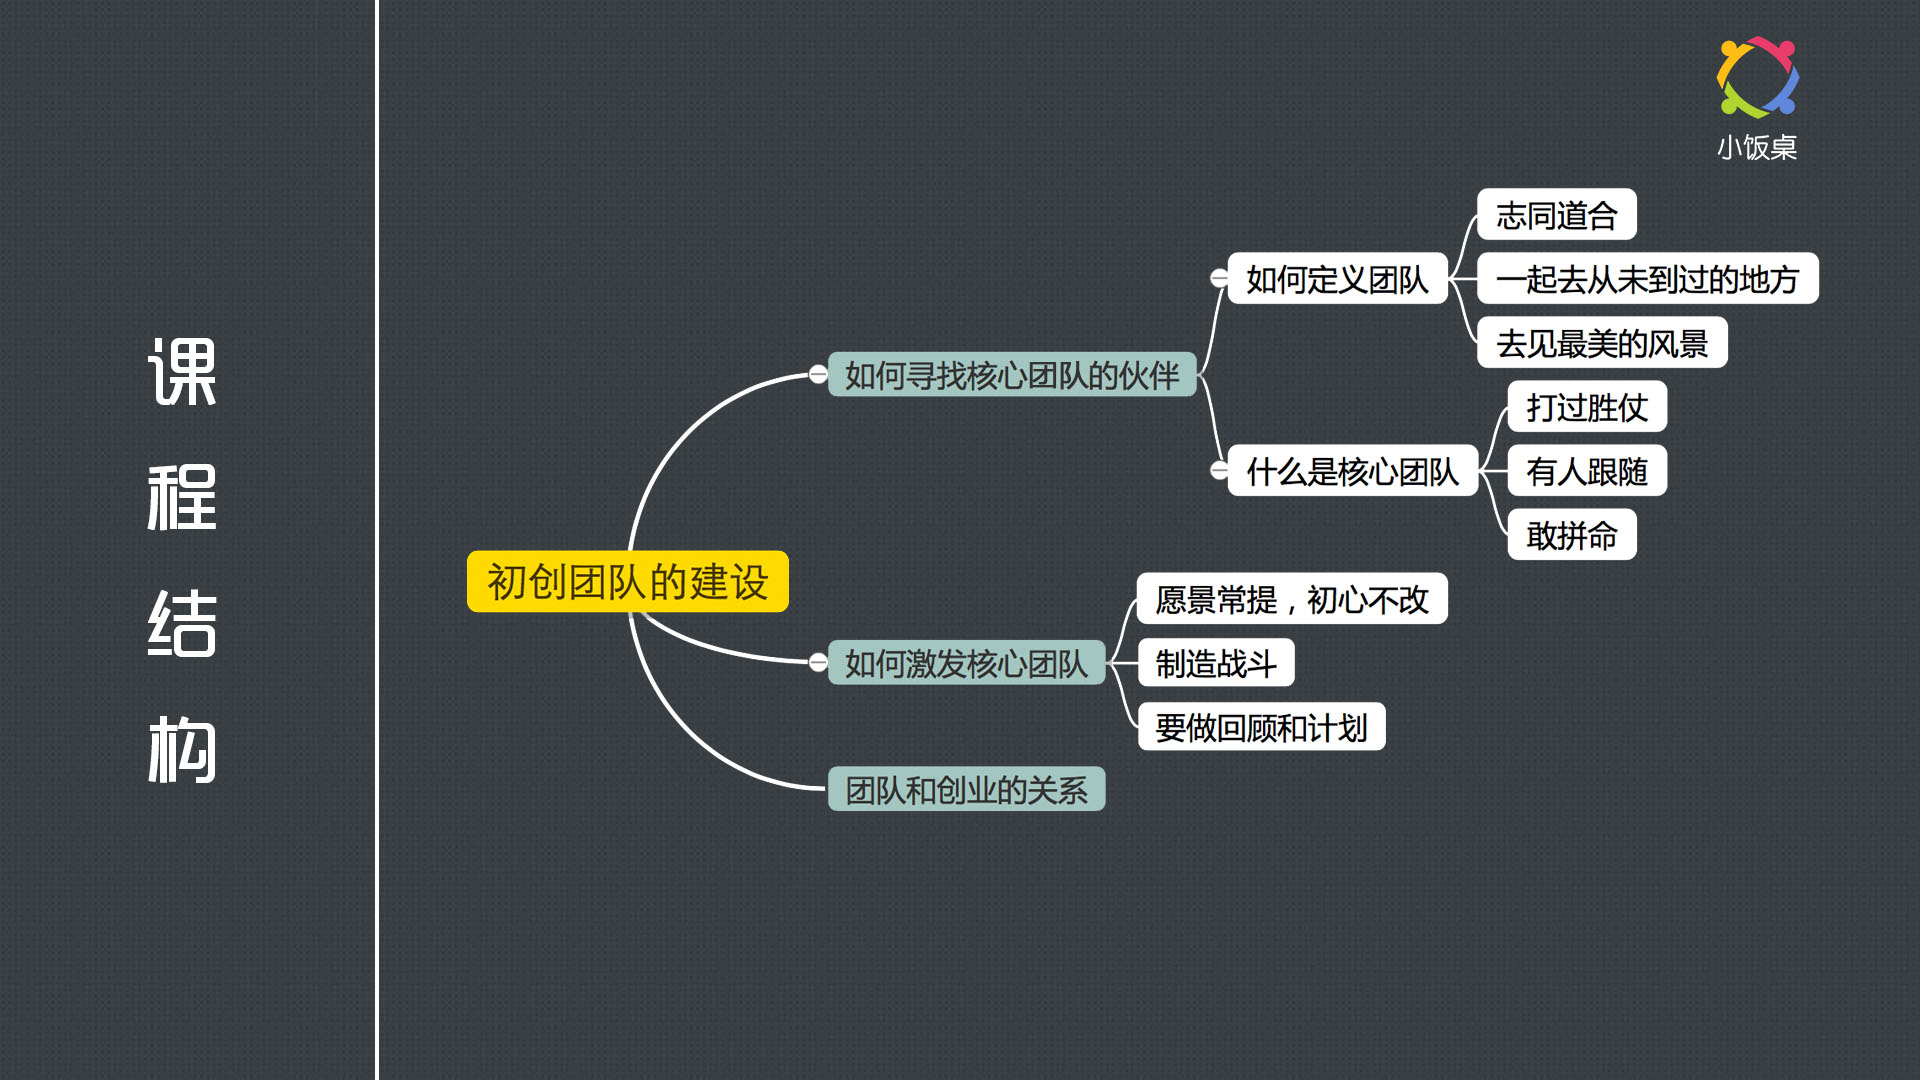 思维导图-唐万里.jpg